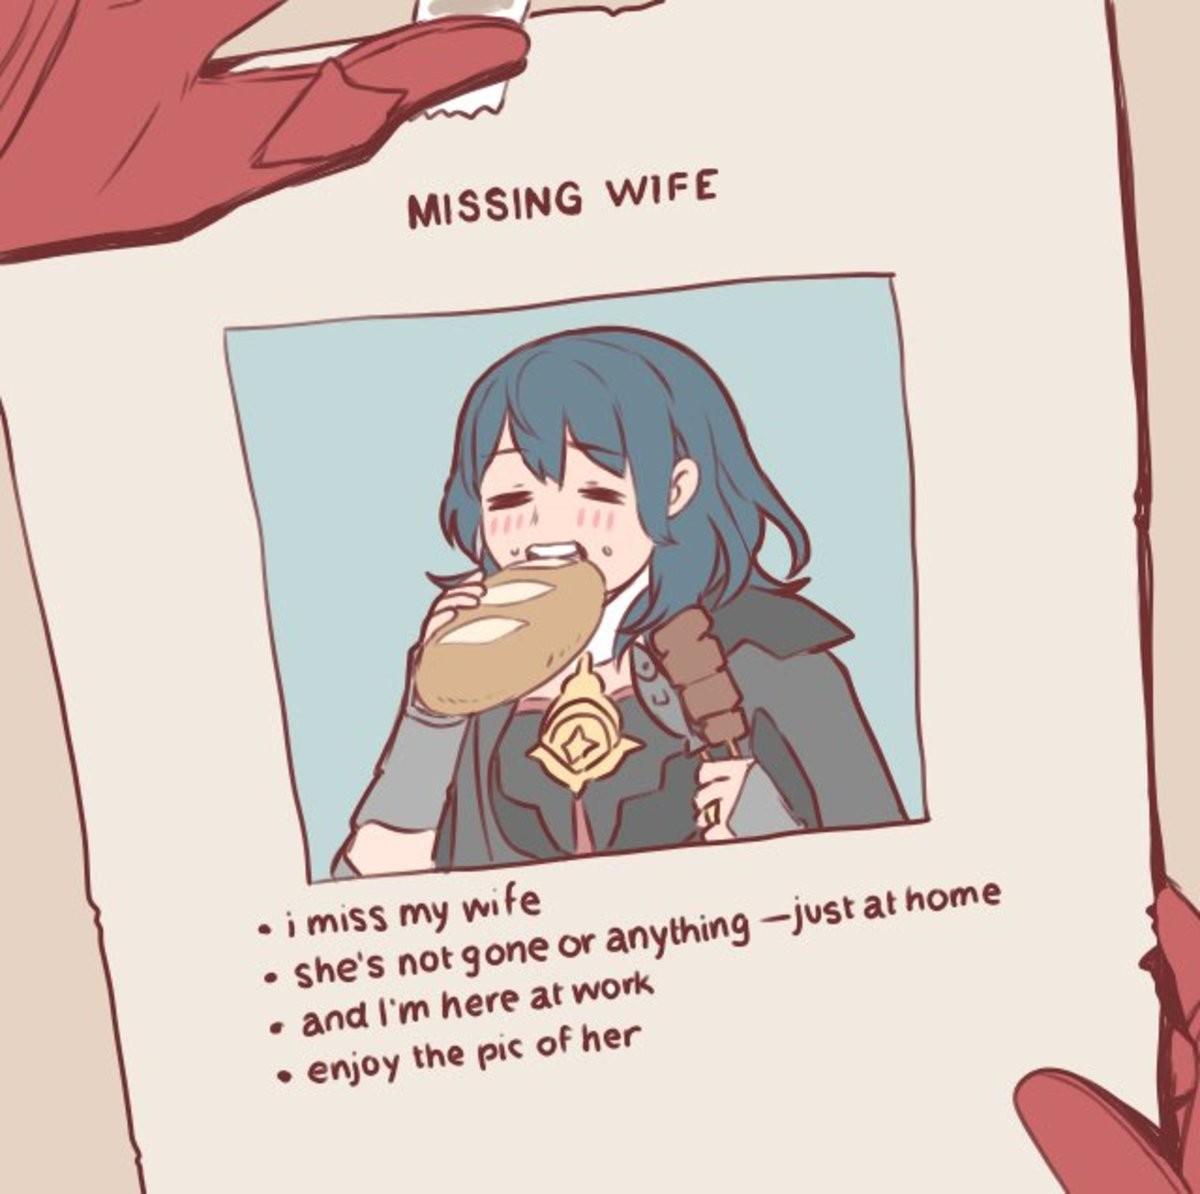 Wife. .. I enjoy your wife